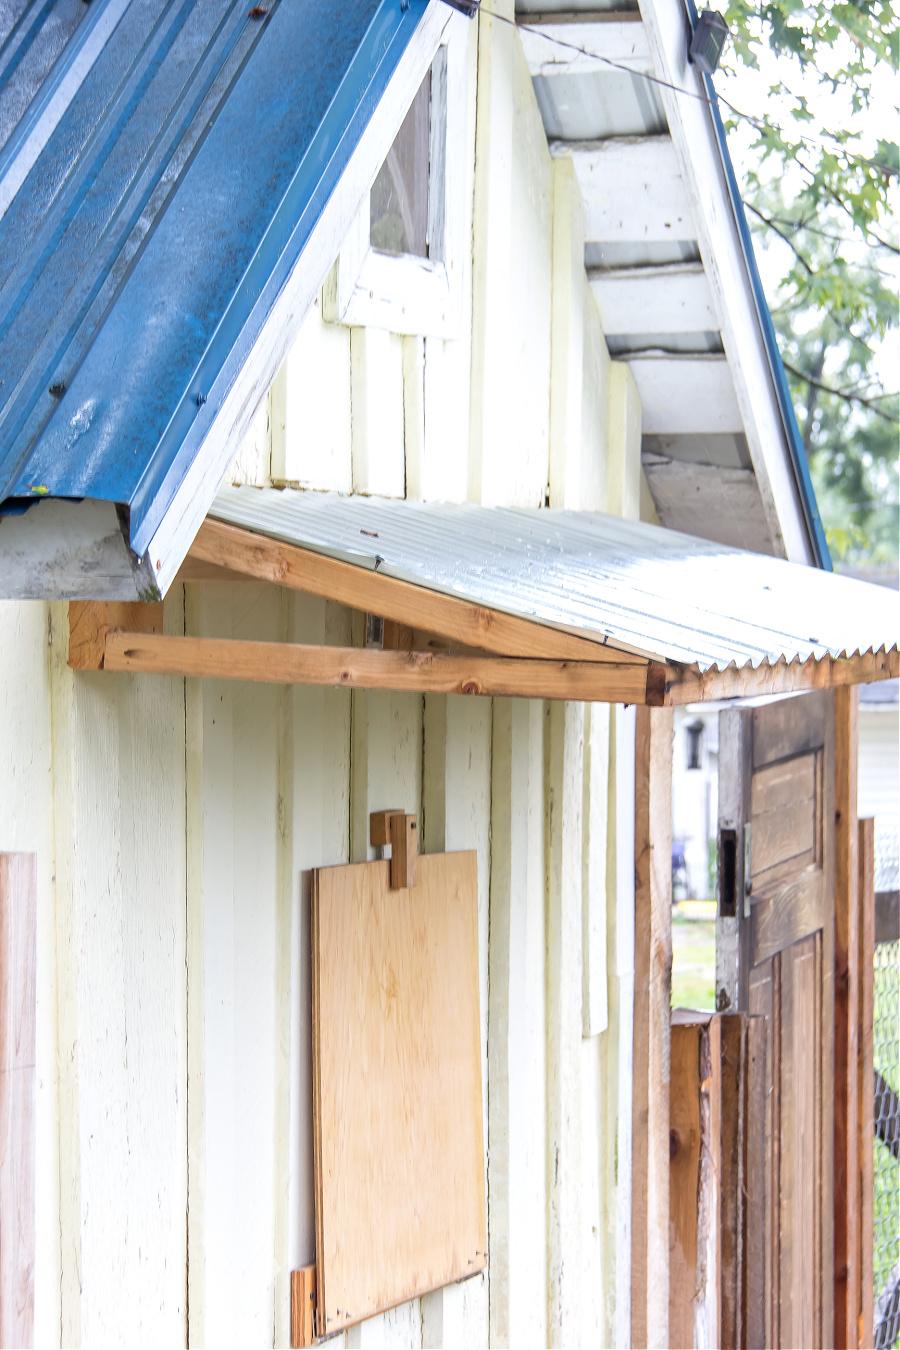 diy chicken coop roof